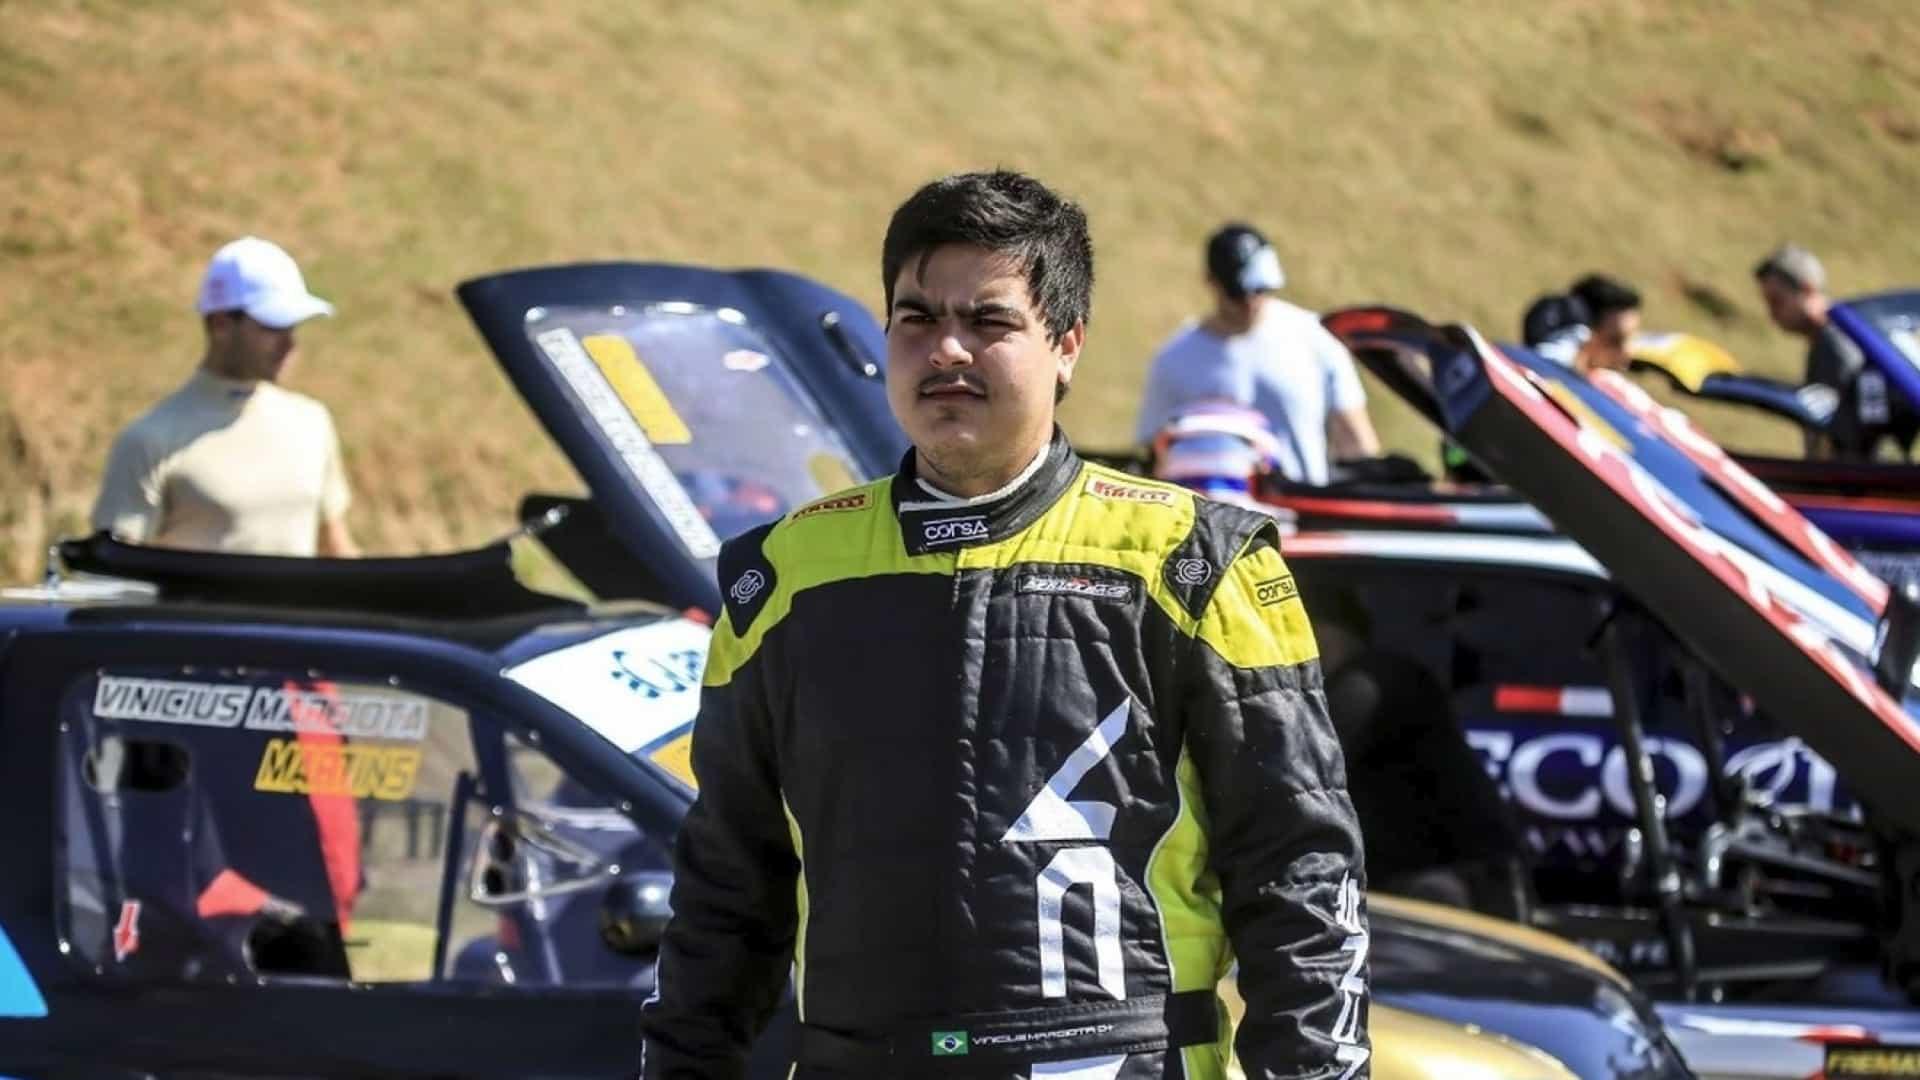 naom 5cb74c545f7aa - Piloto da Stock Car morre em acidente na rodovia Anhanguera